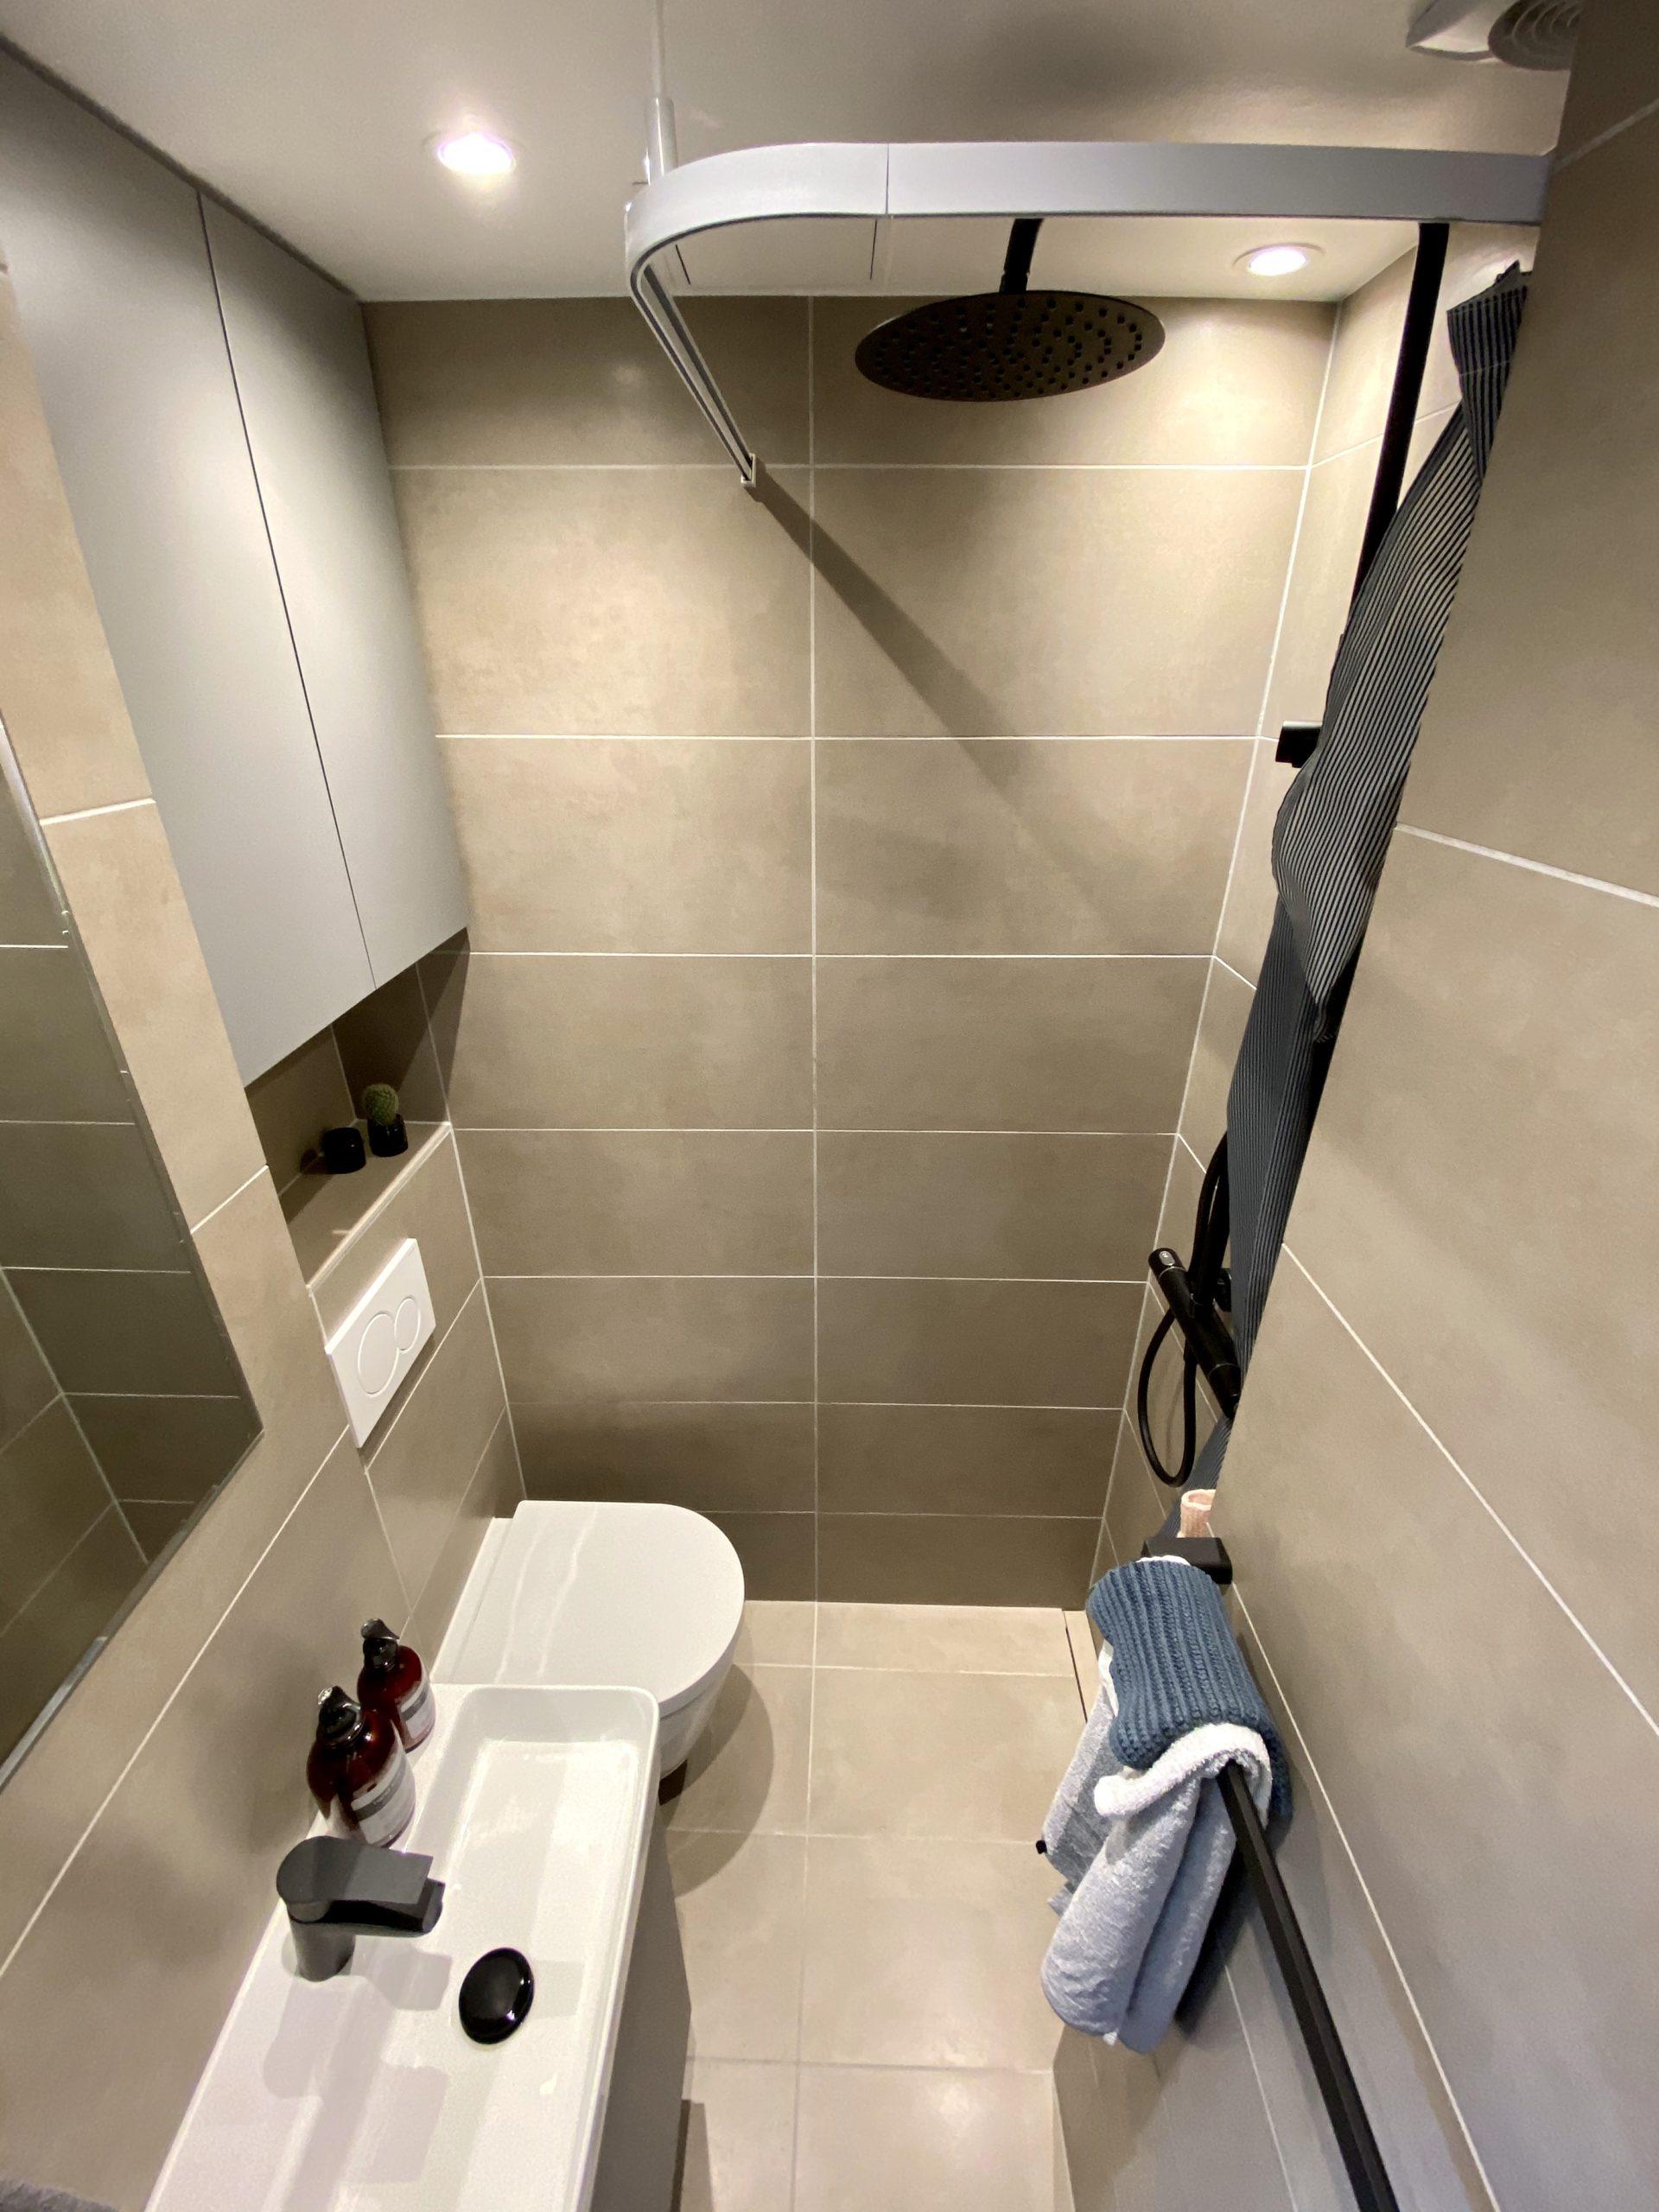 Bæredygtigt badeværelse i lille københavnerlejlighed på frederiksberg med flotte materialer i høj kvalitet leveret billigt